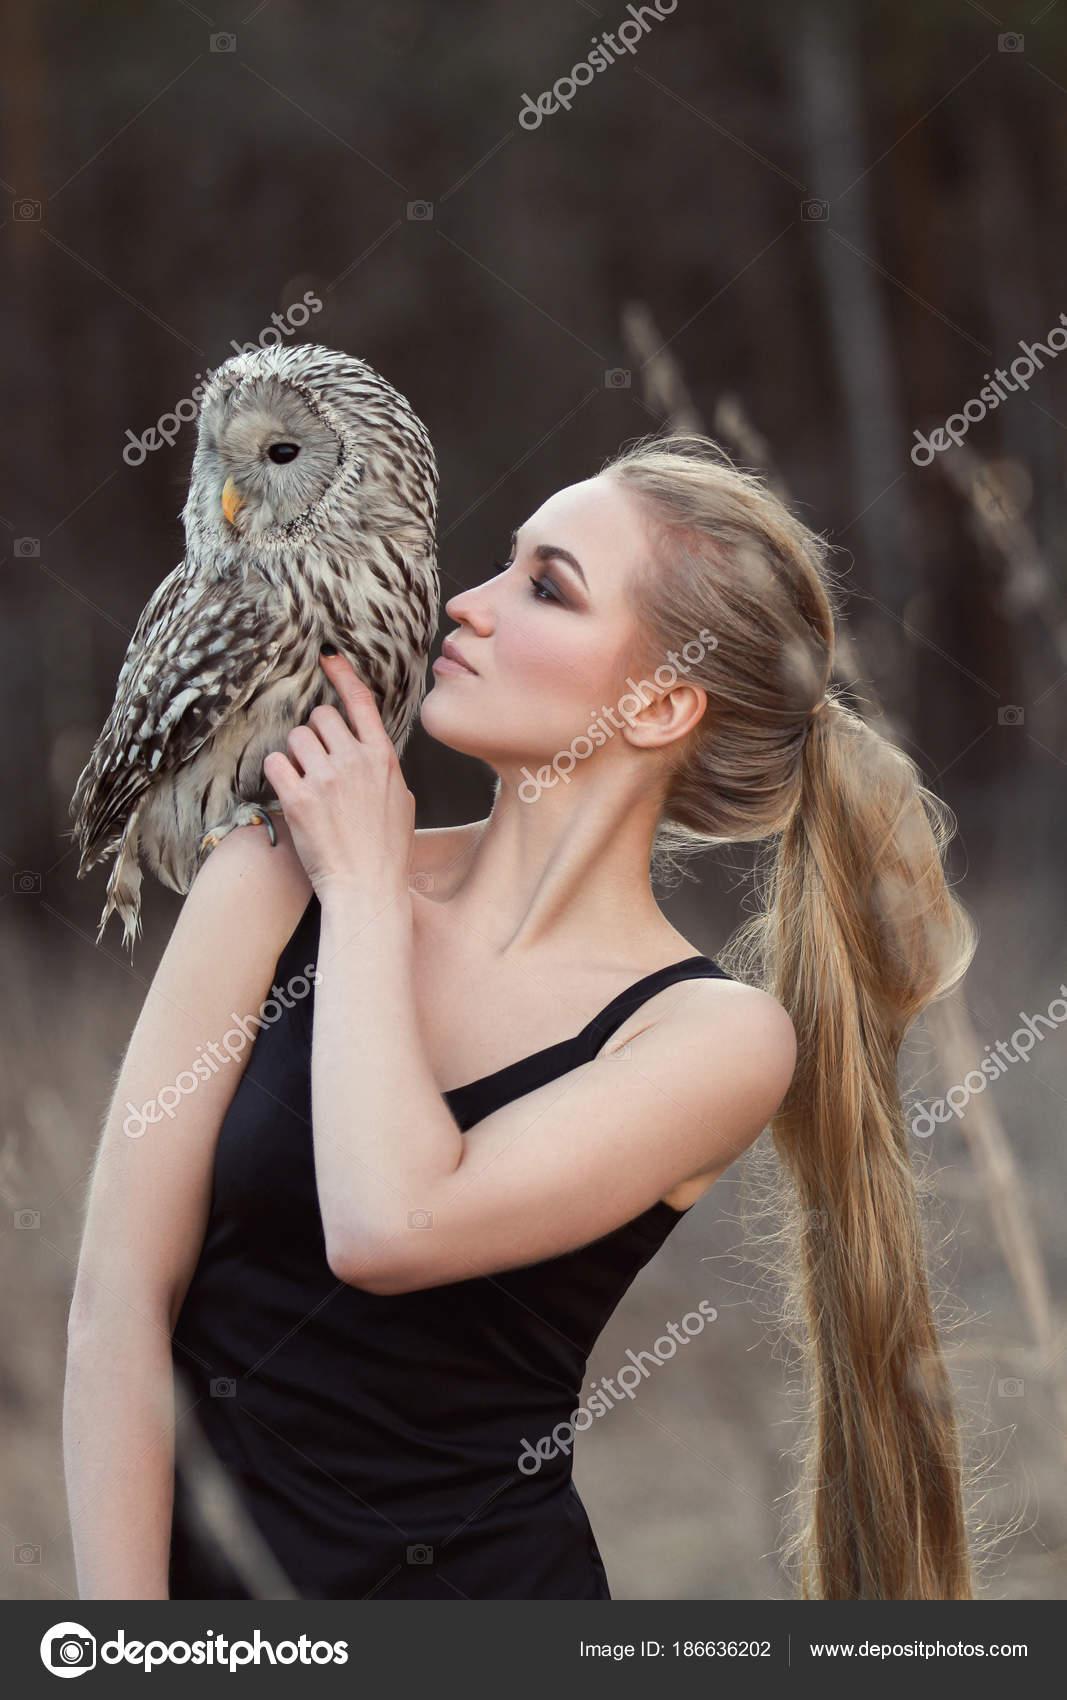 μεγάλο πουλί στην ξανθιά μεγάλο κορίτσι πρωκτικό πορνό